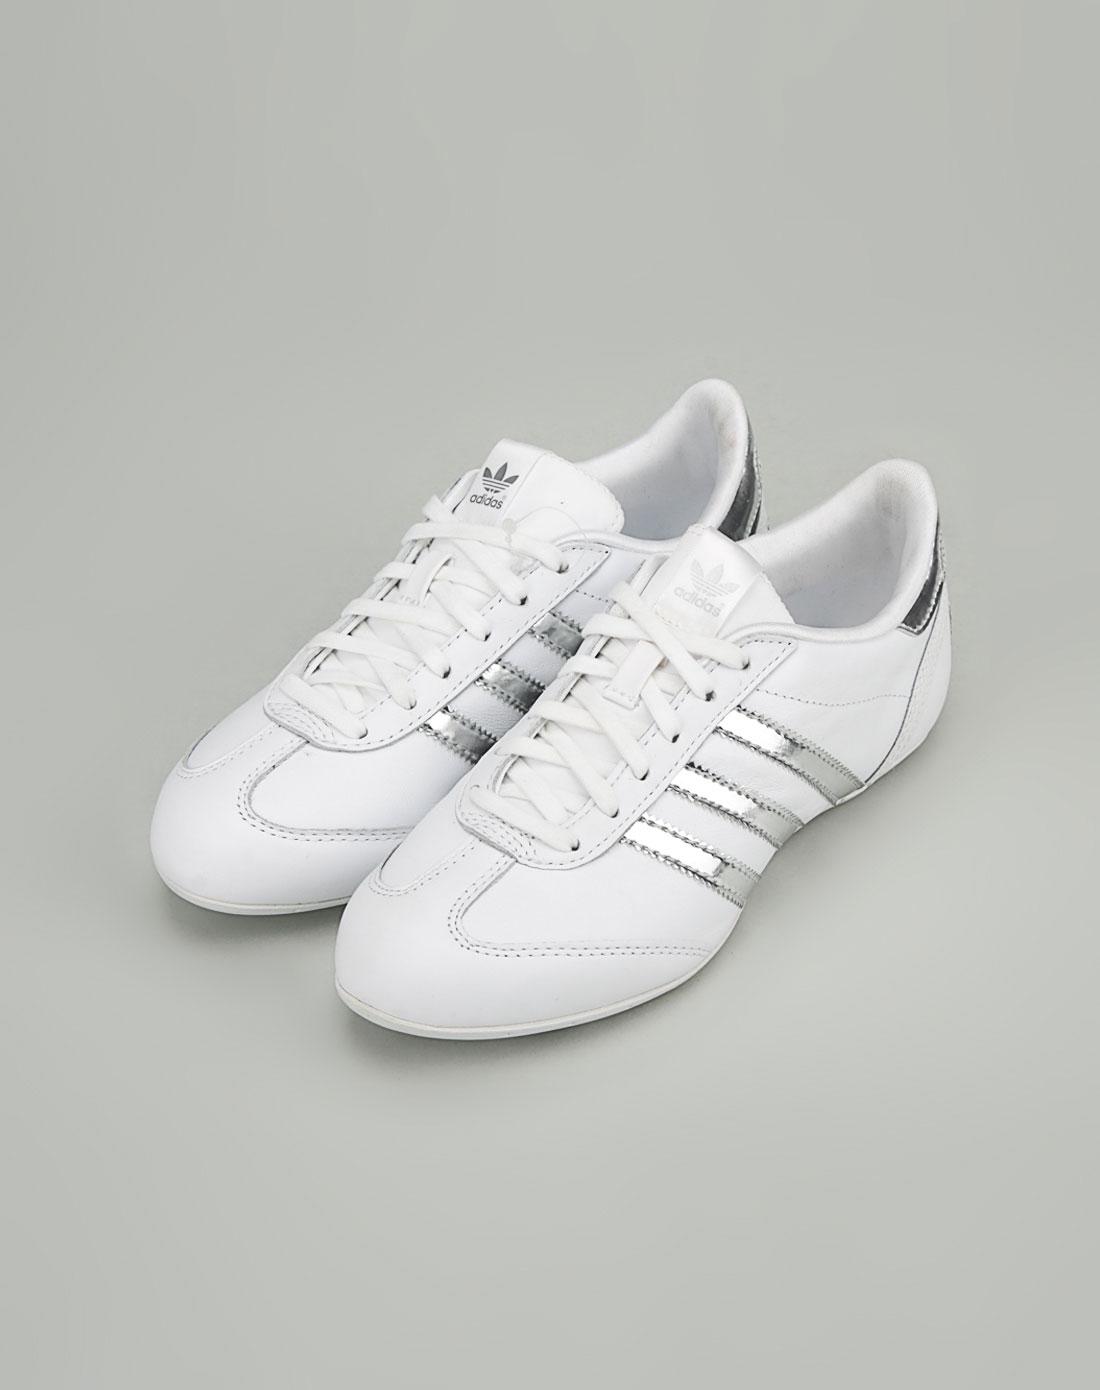 女款银/白色休闲鞋_阿迪达斯adidas-女装专场特价2-4